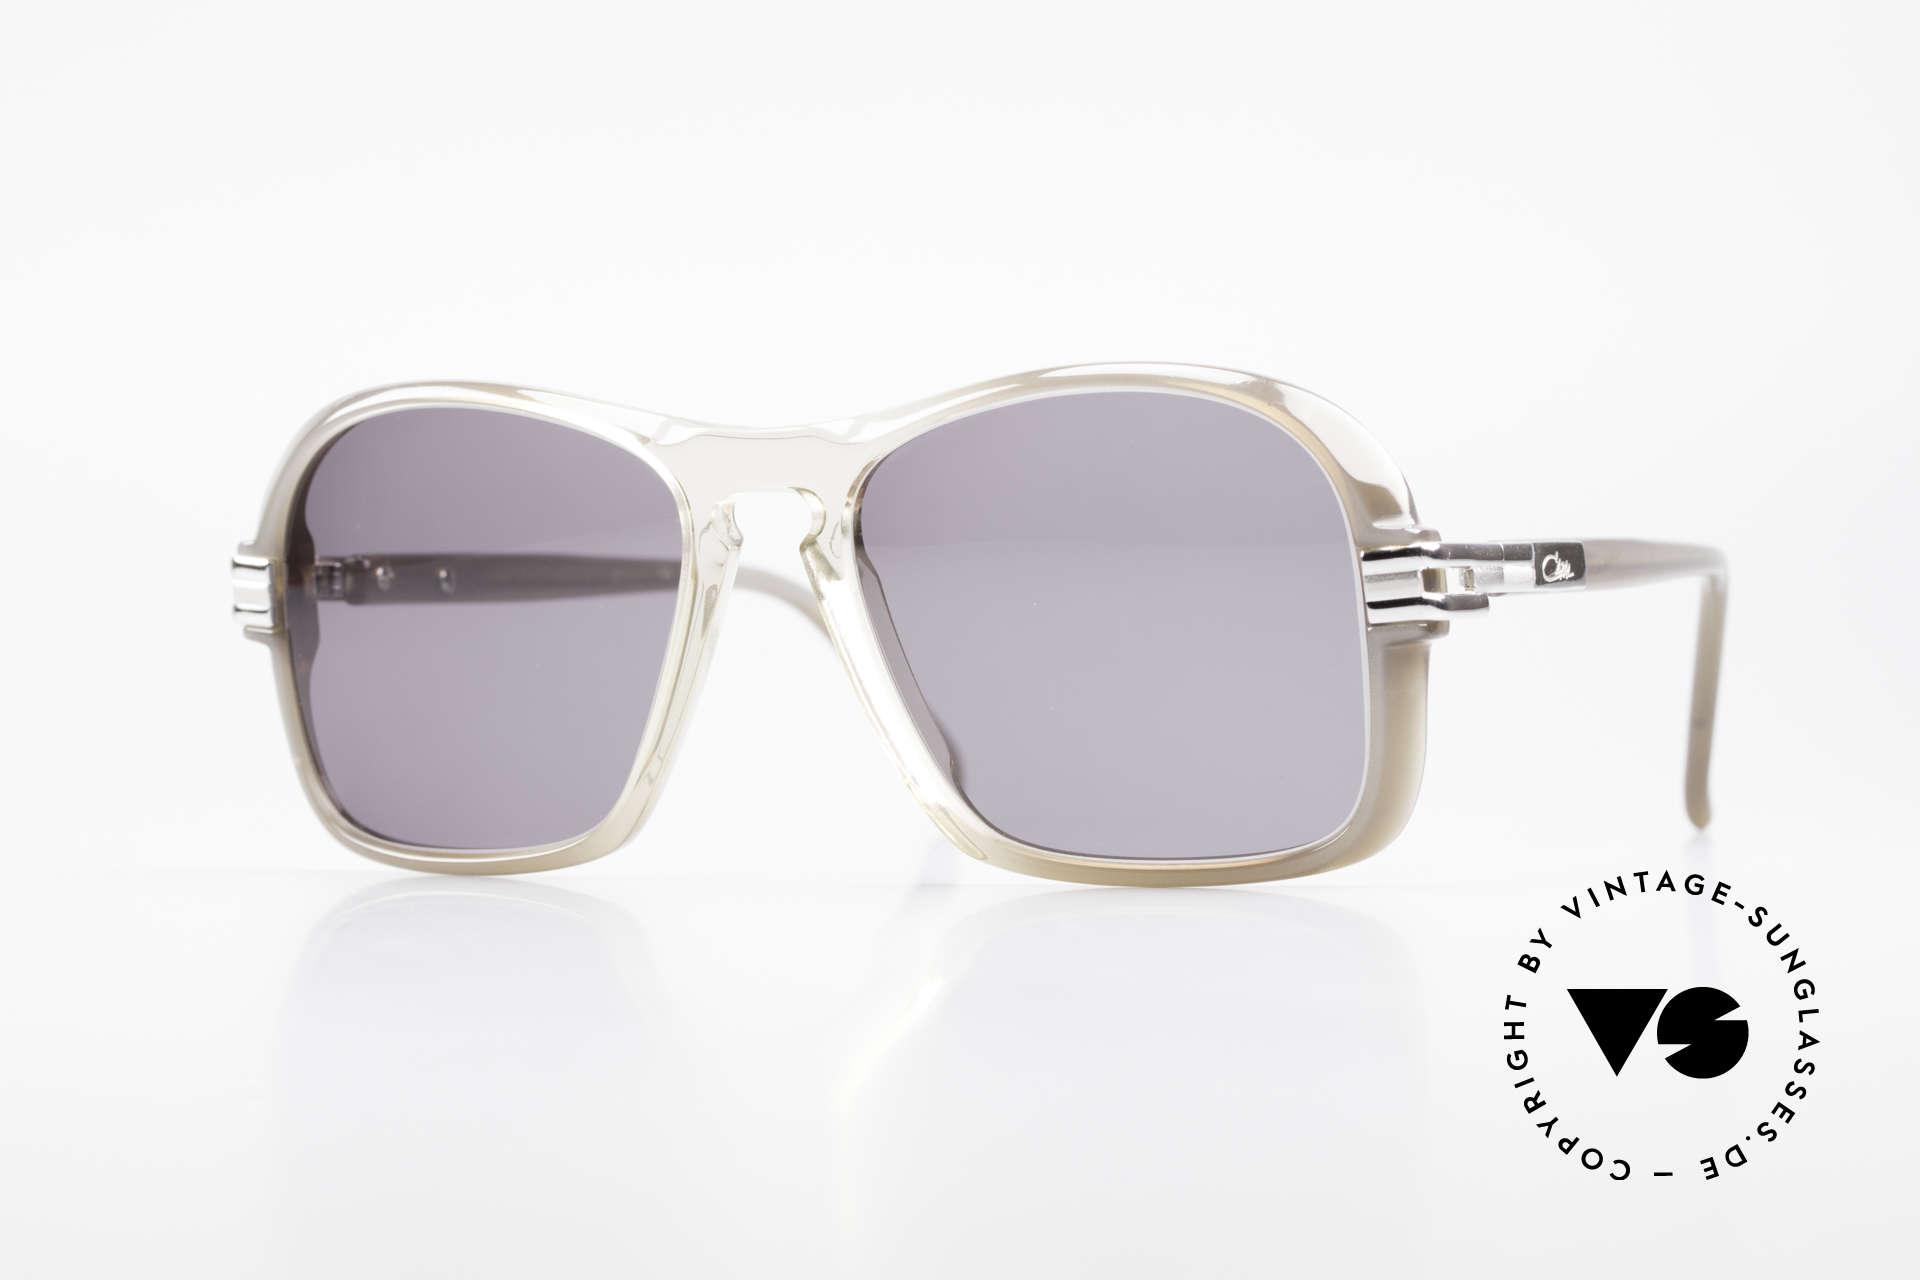 Cazal 606 70er Brille Erste Cazal Serie, extrem seltene Cazal Sonnenbrille aus den späten 70ern, Passend für Herren